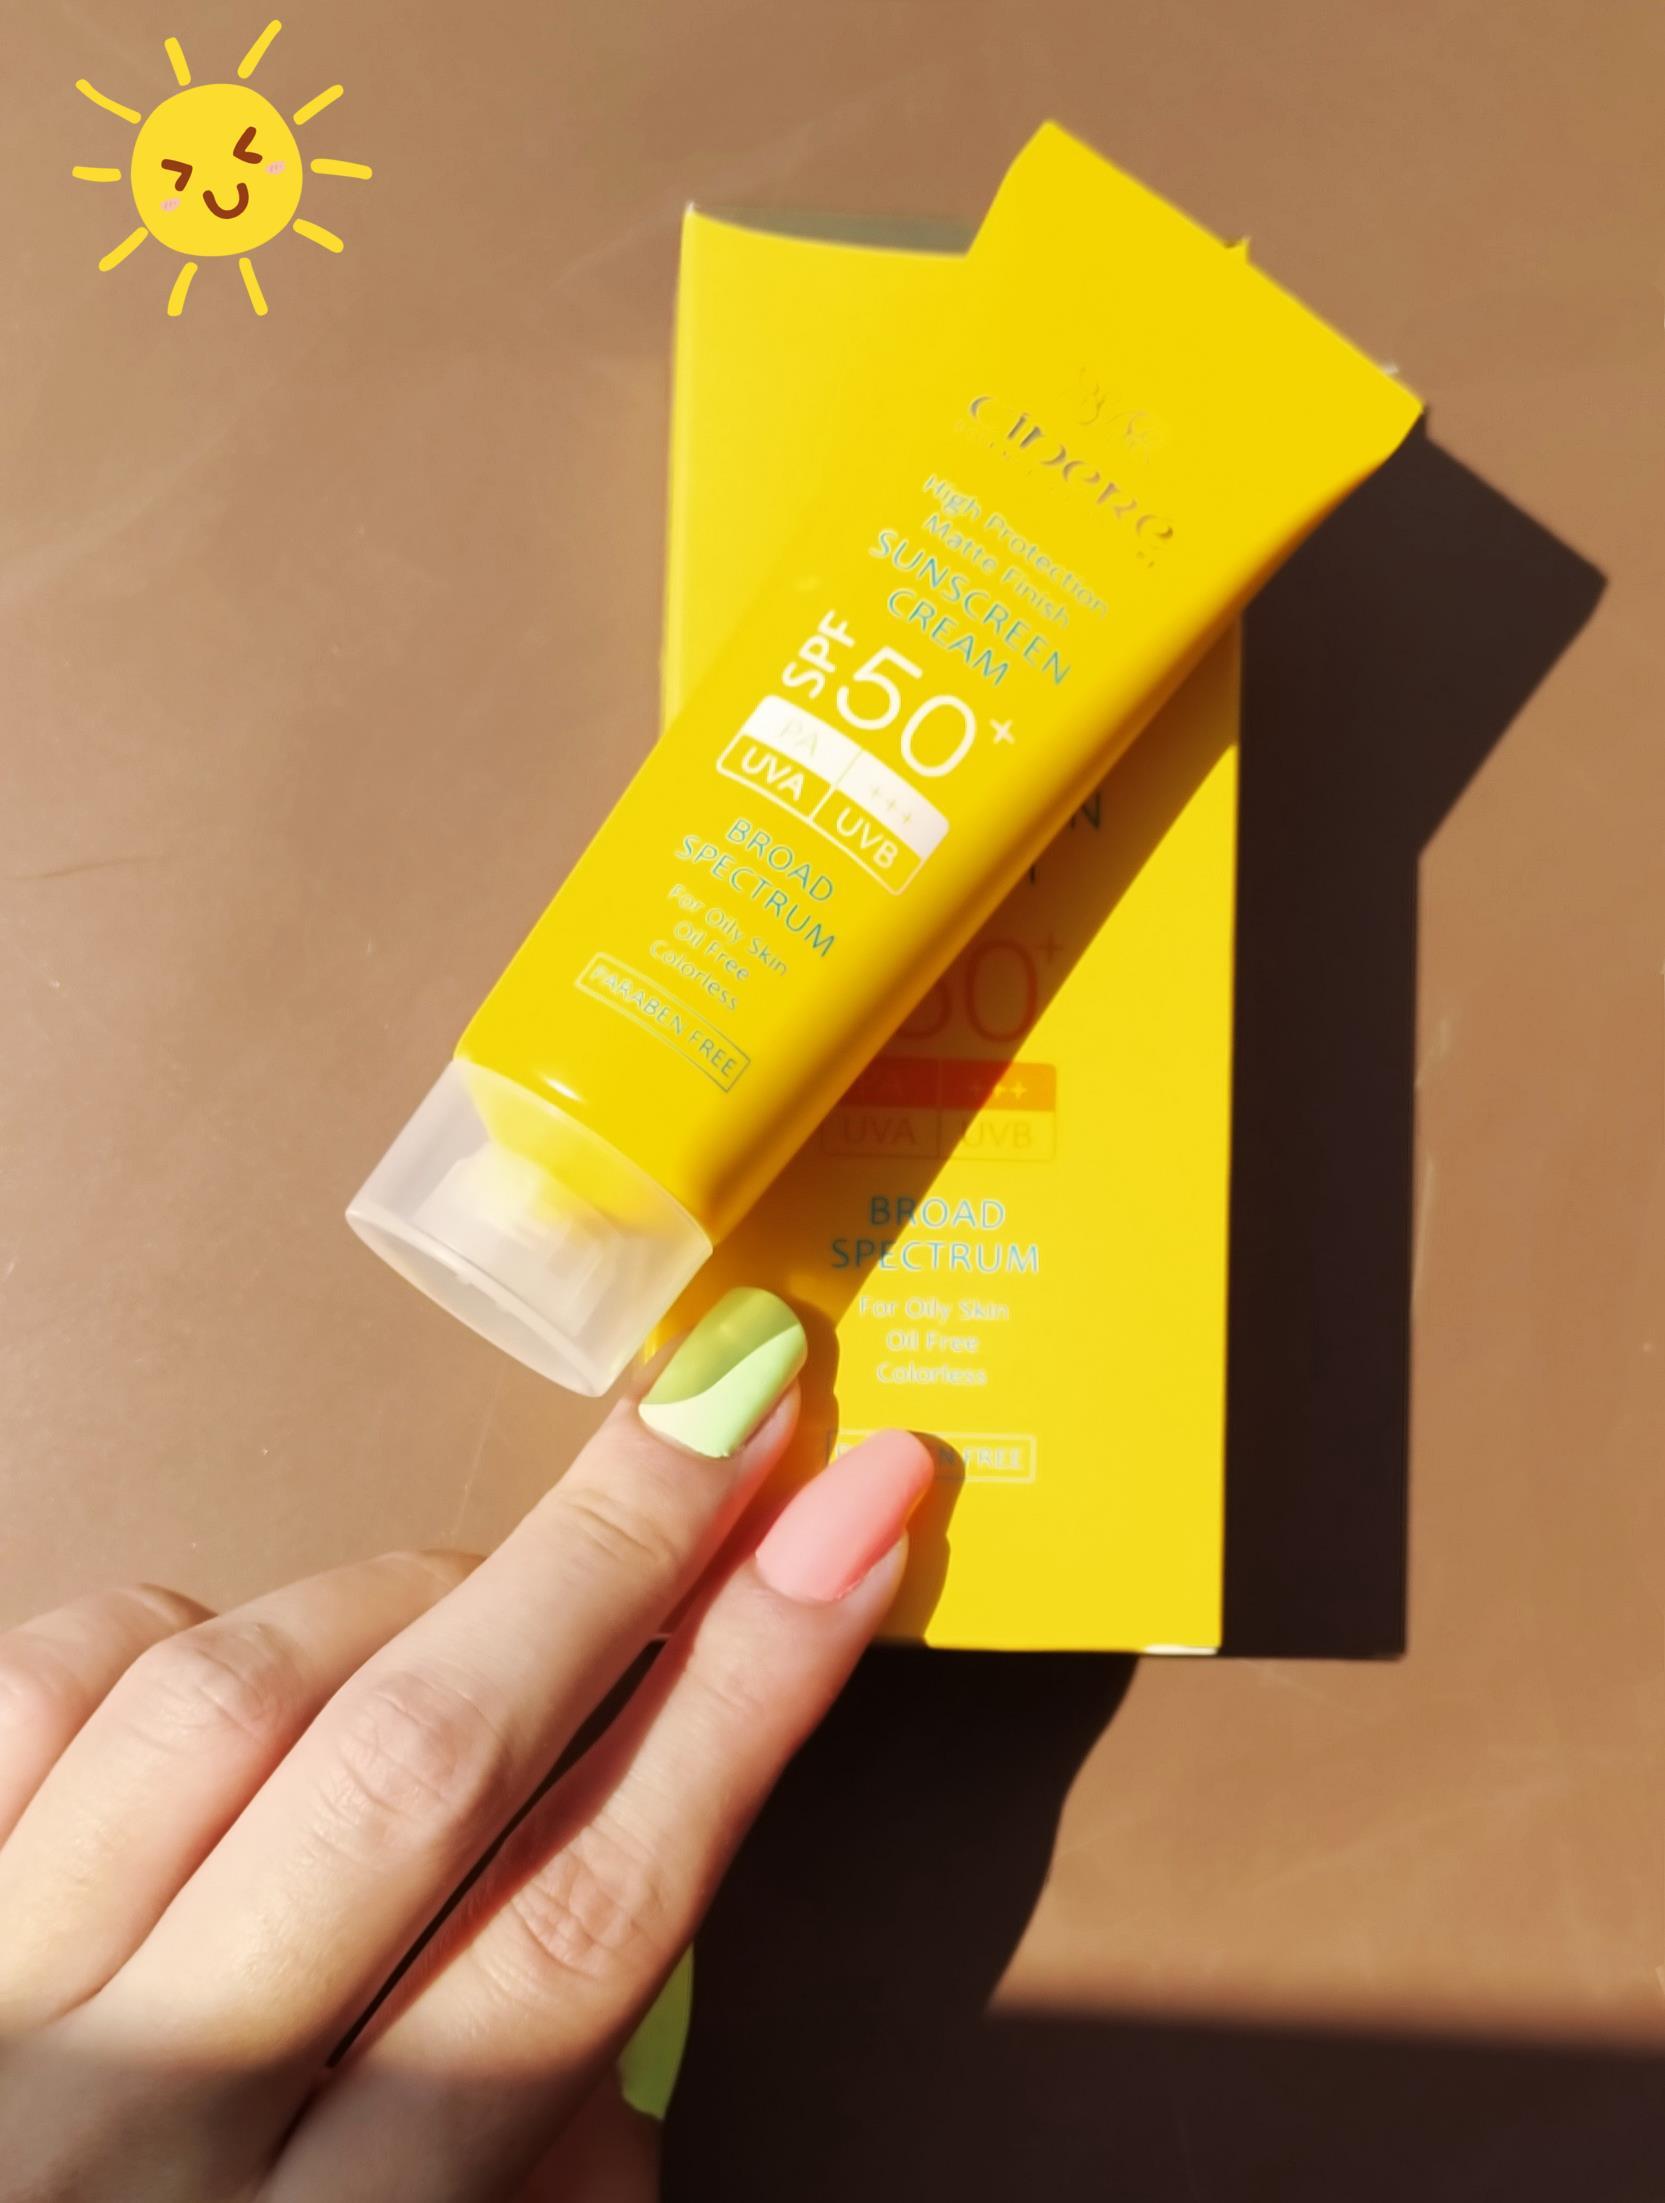 عکس تست کرم ضد آفتاب SPF50+ بدون رنگ فاقد چربی مناسب پوست چربسینره